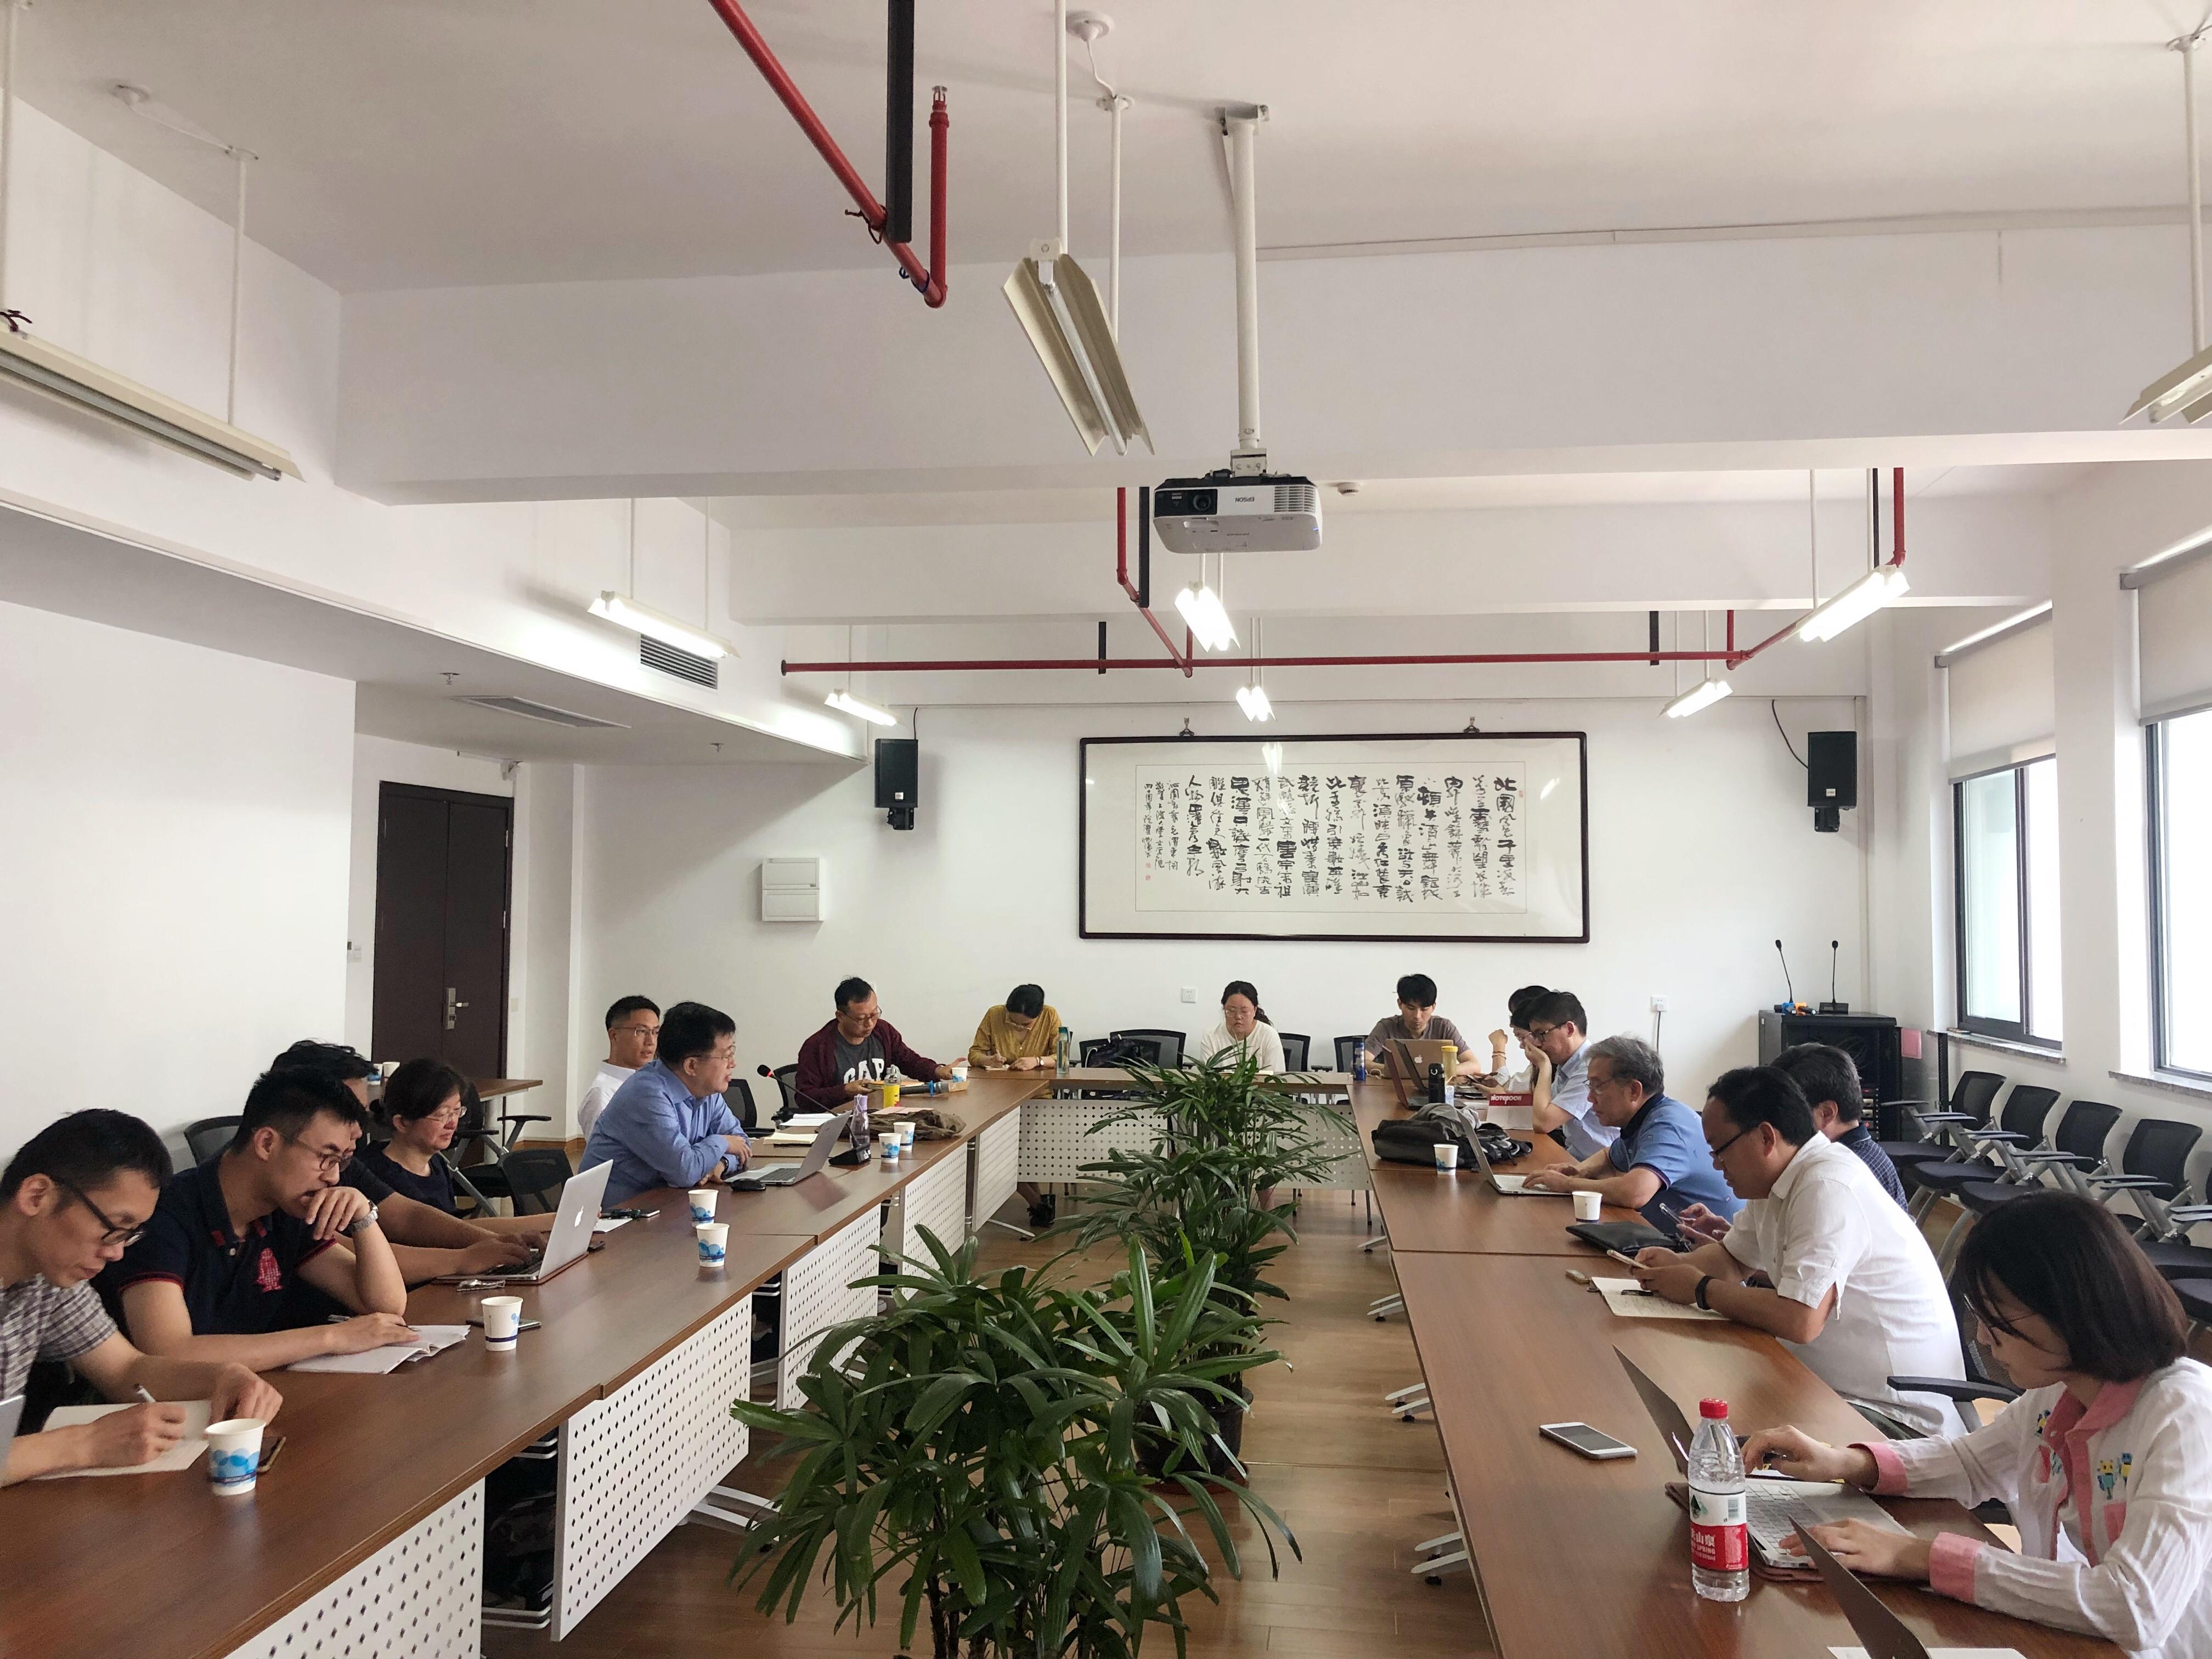 美国基督教与中国研究中心李灵博士主讲宗教与中美关系